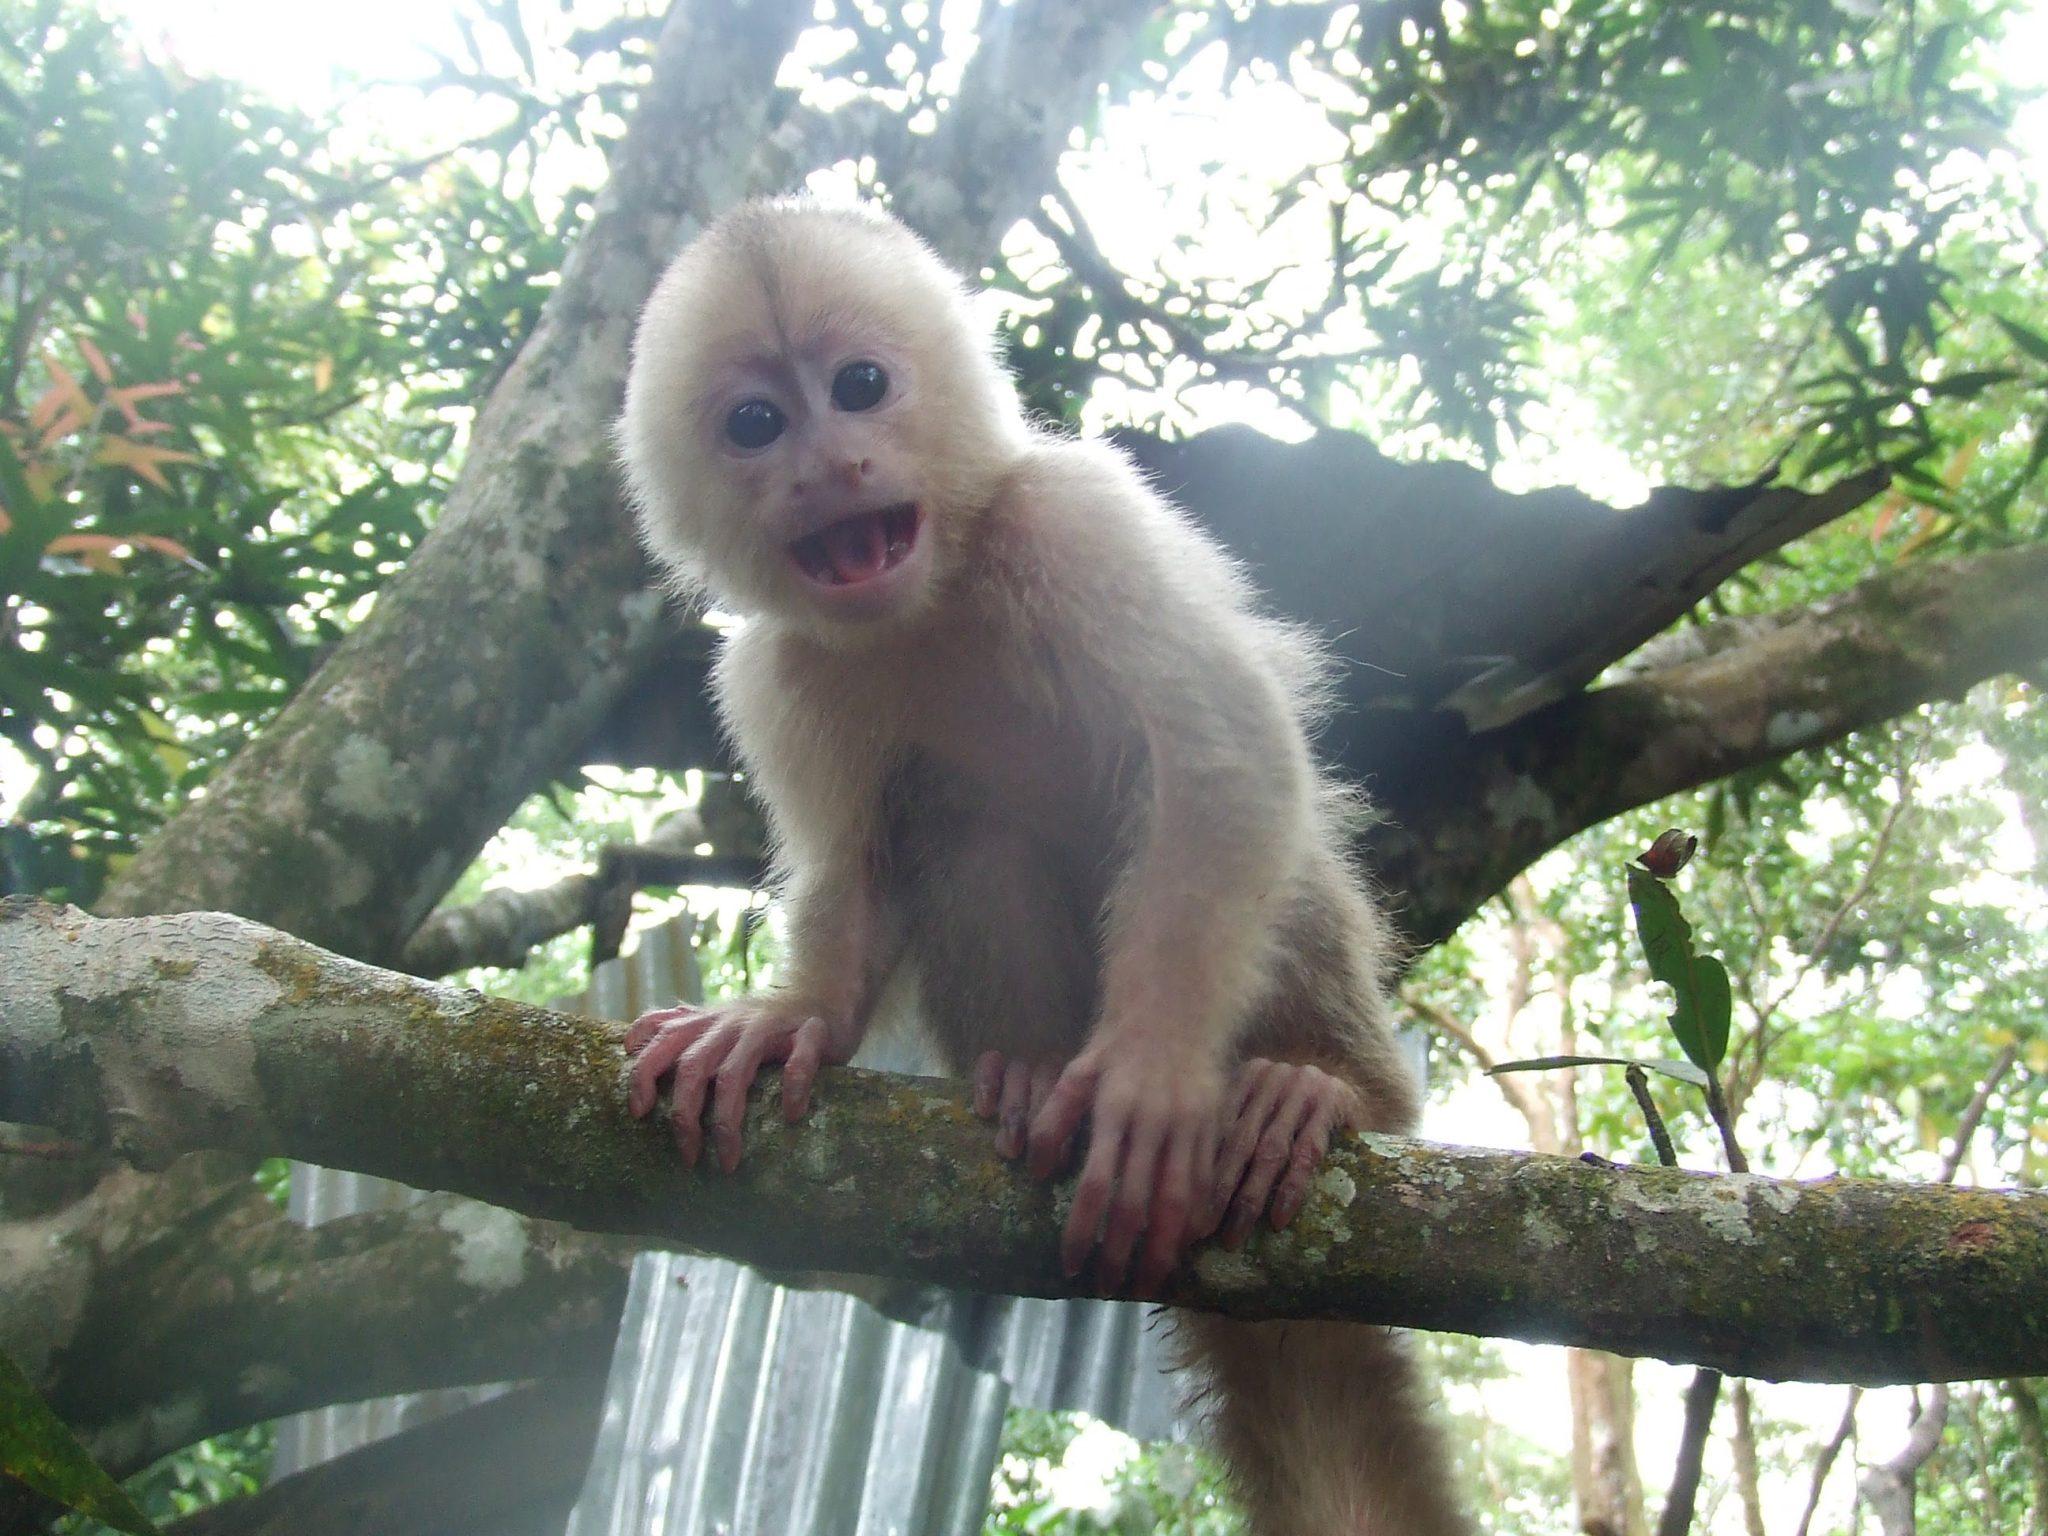 Diego the monkey